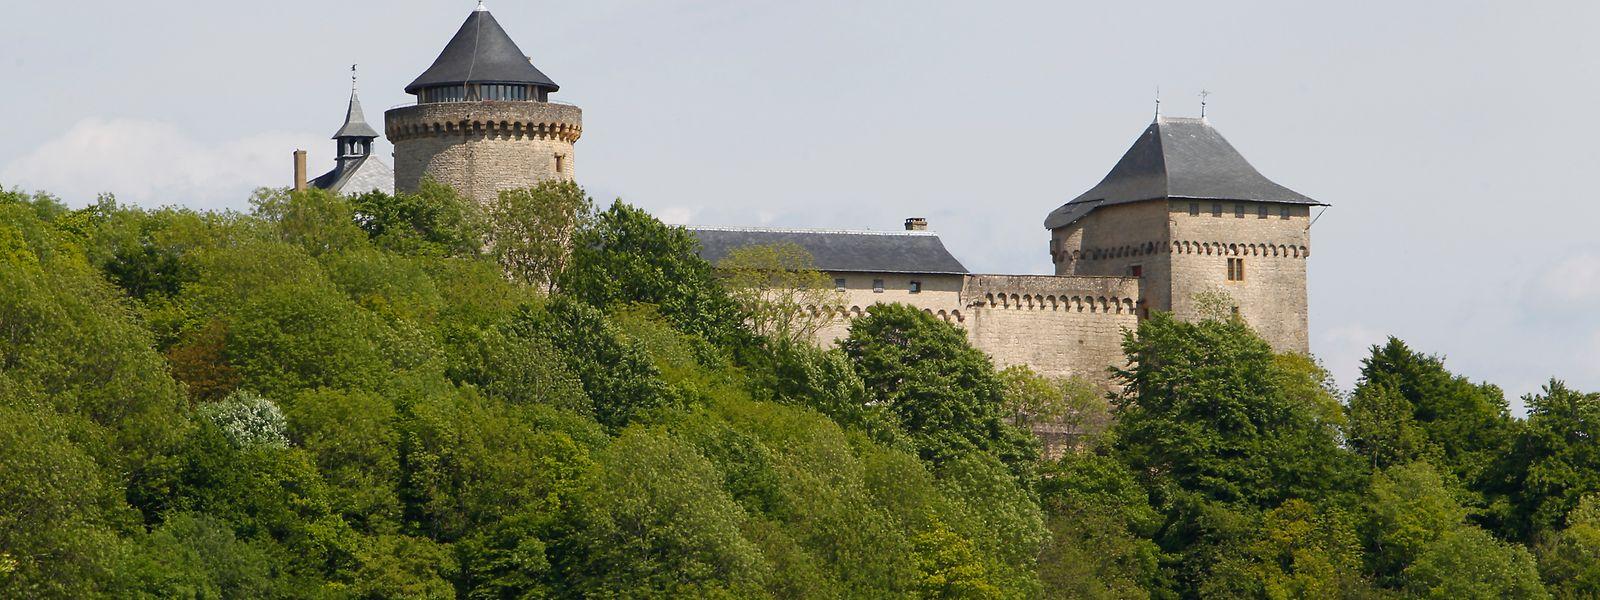 Le château de Malbrouck à Manderen fait partie des sites dont l'accès est gratuit jusqu'au 31 août.